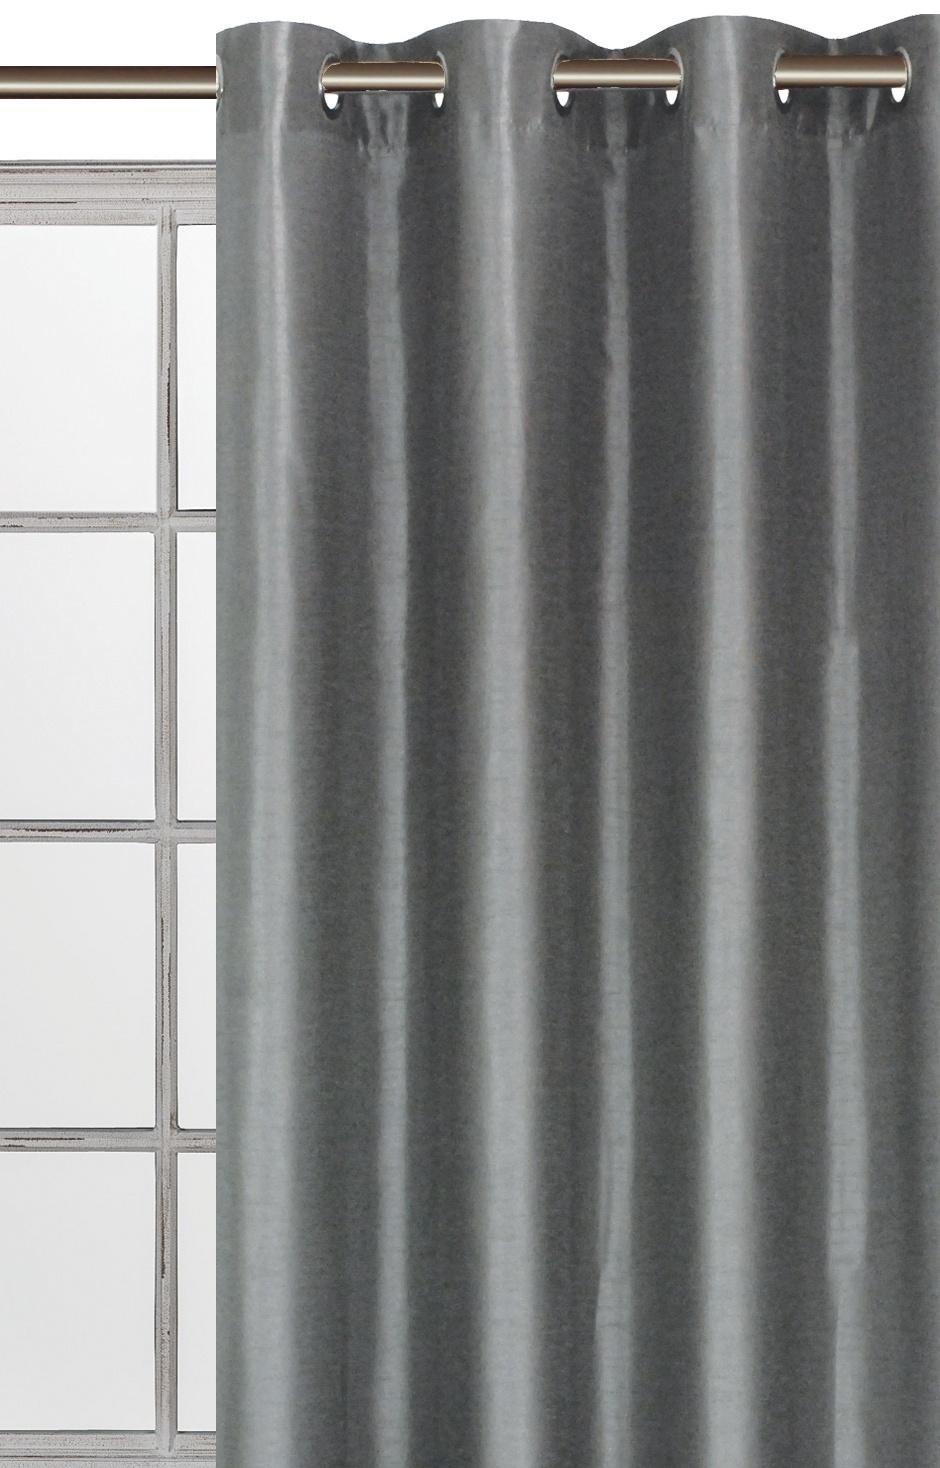 BALLERINA Titanium